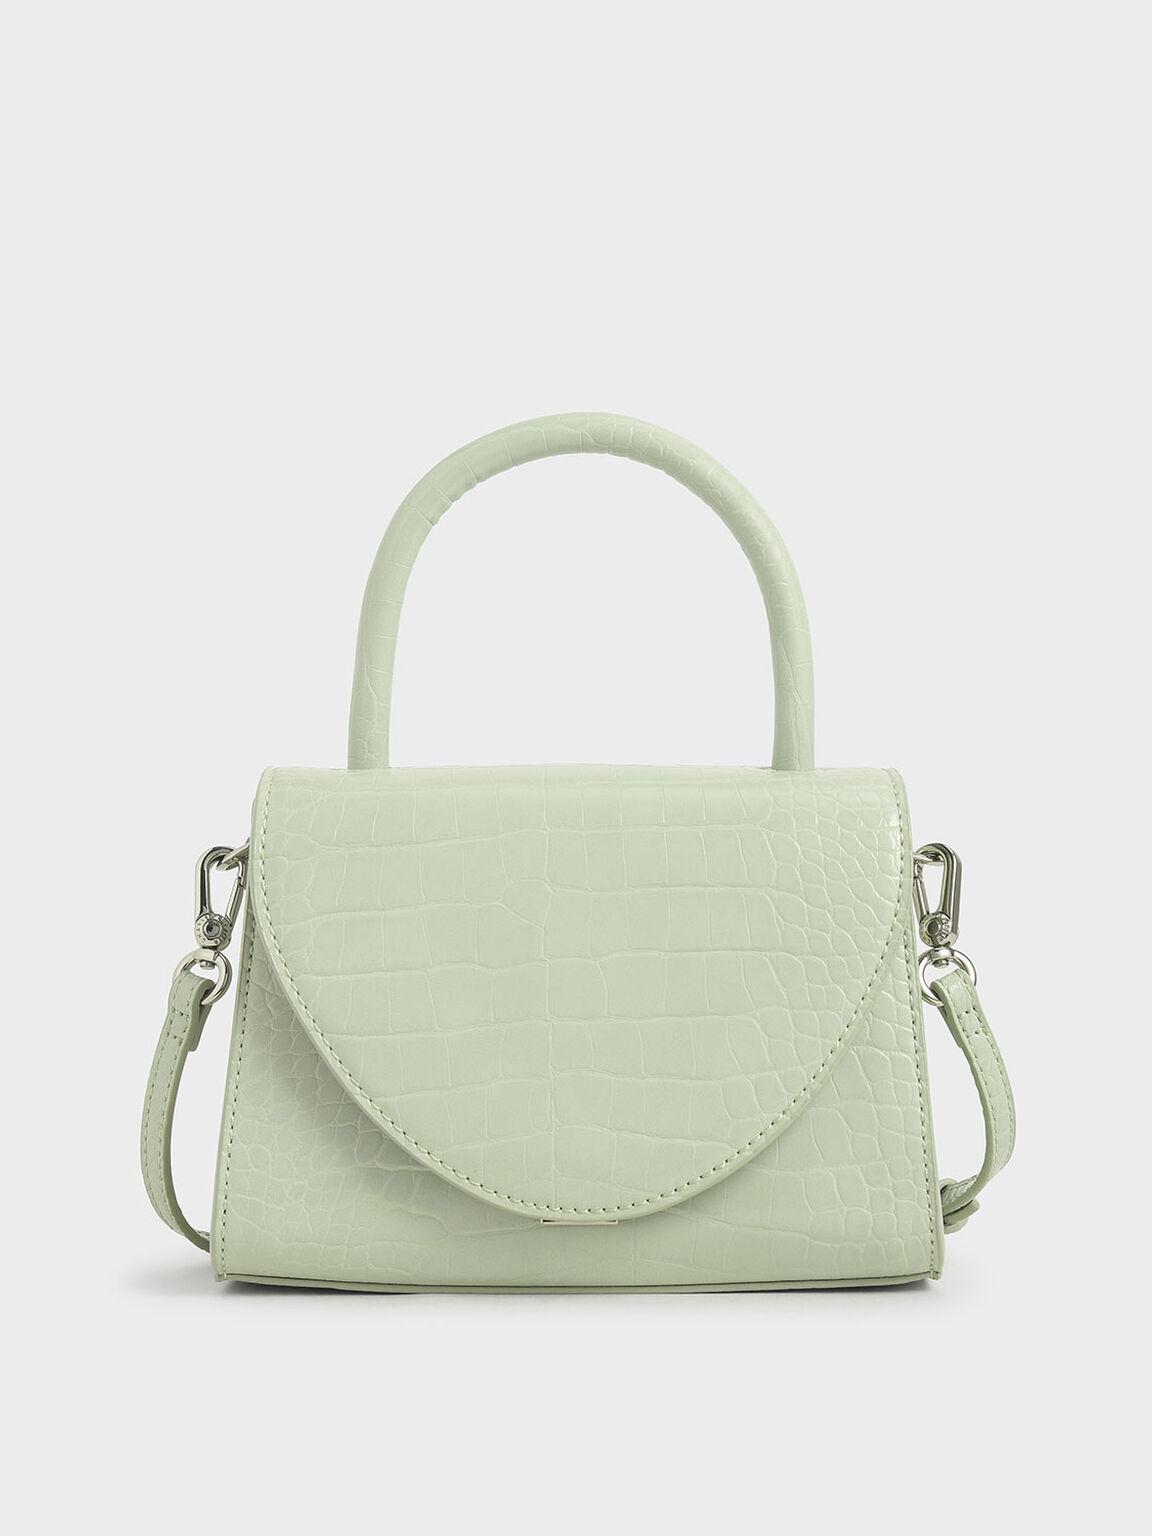 Croc-Effect Structured Top Handle Bag, Mint Green, hi-res